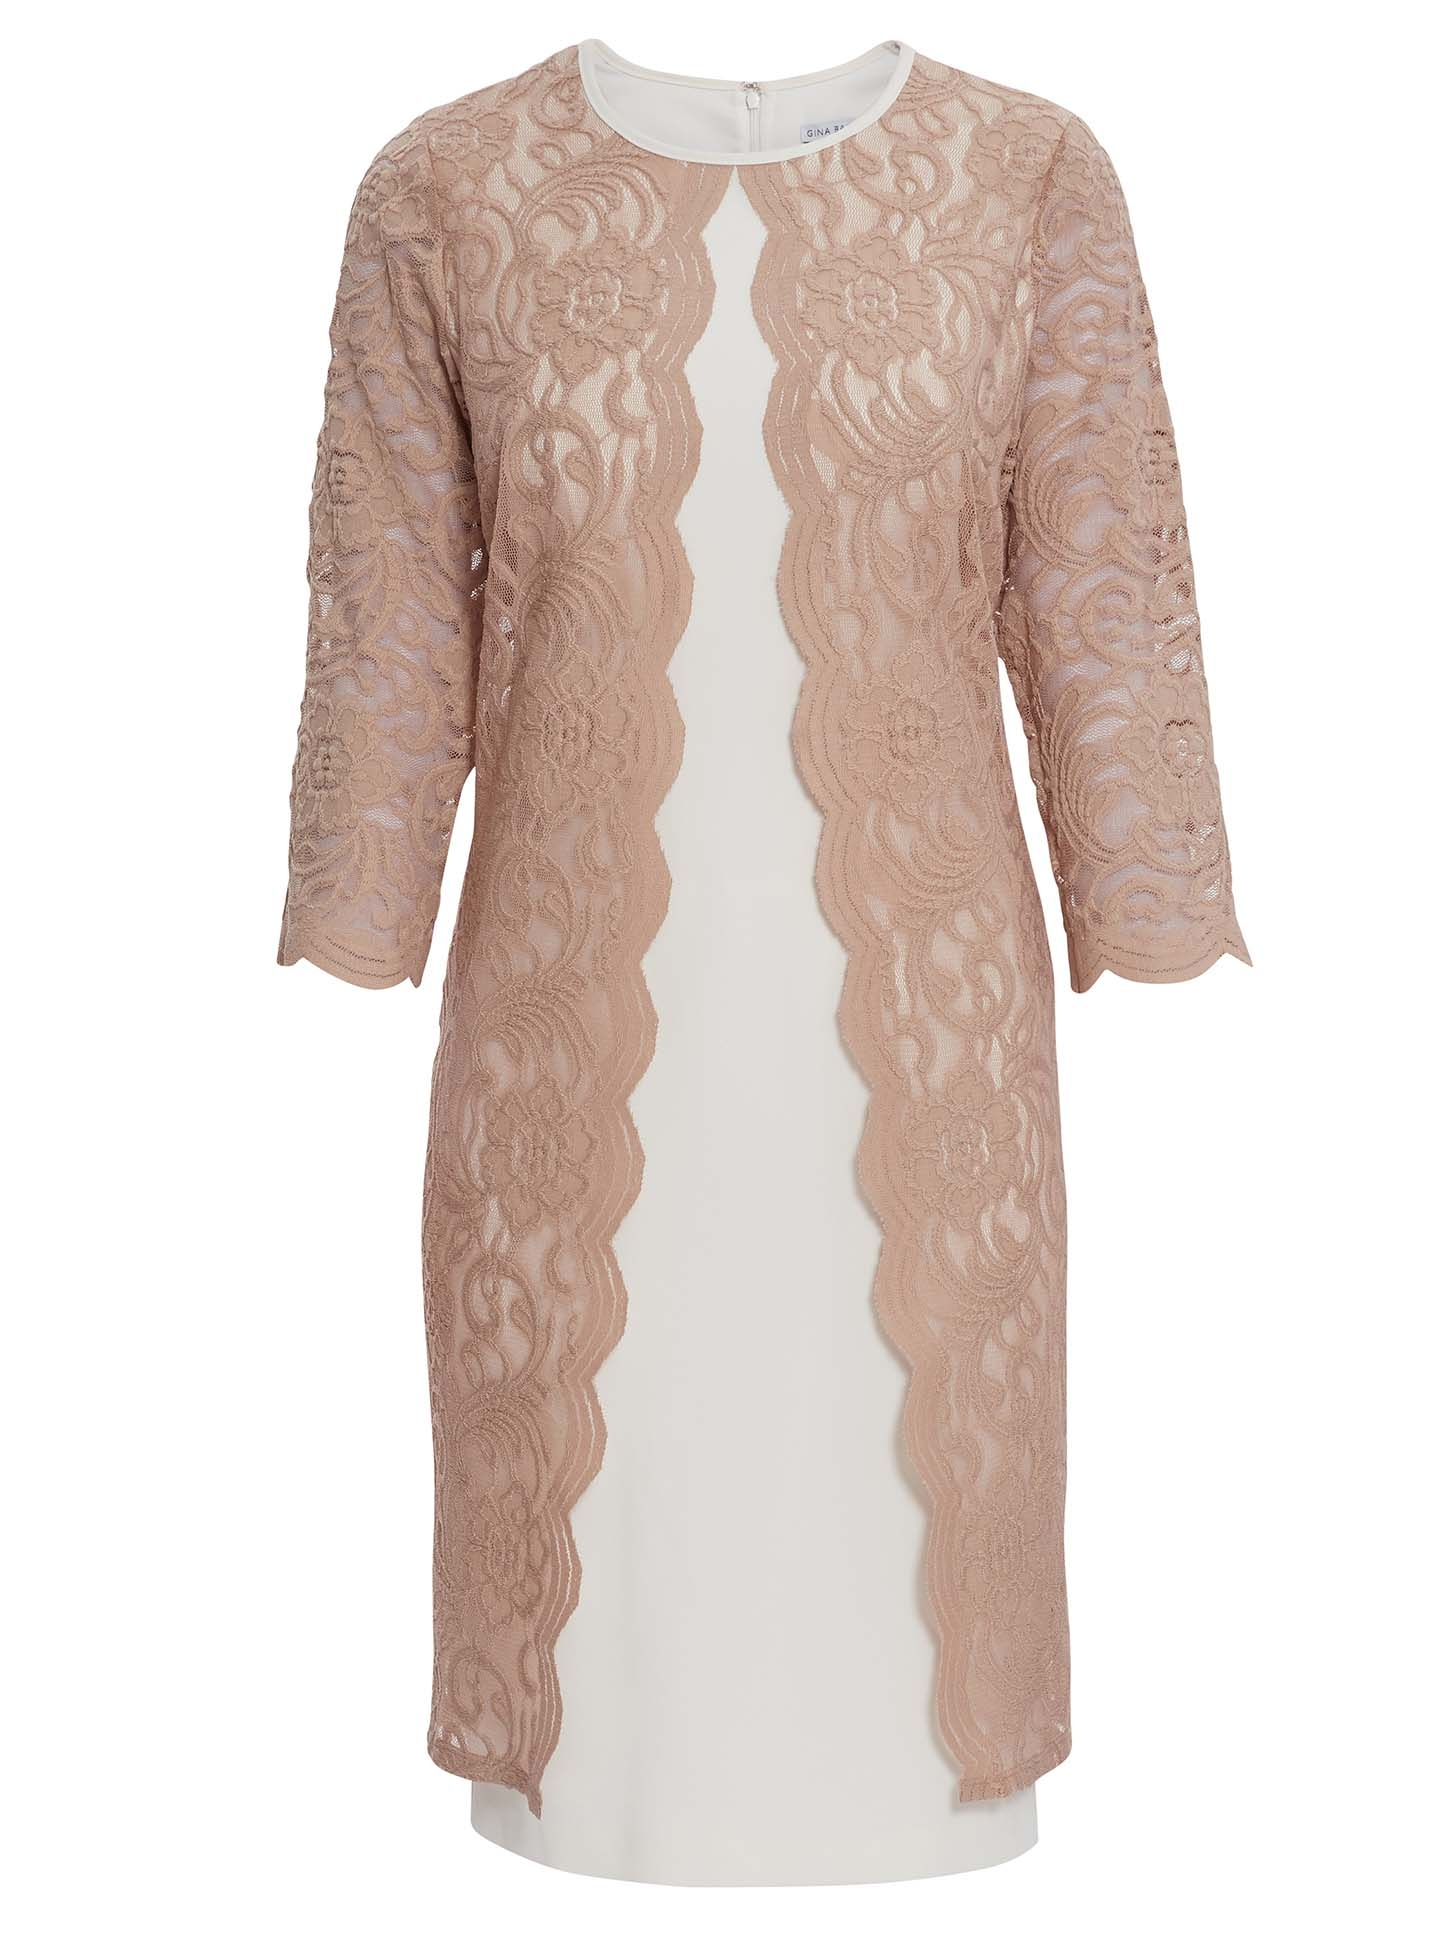 Clarabelle Lace Dress